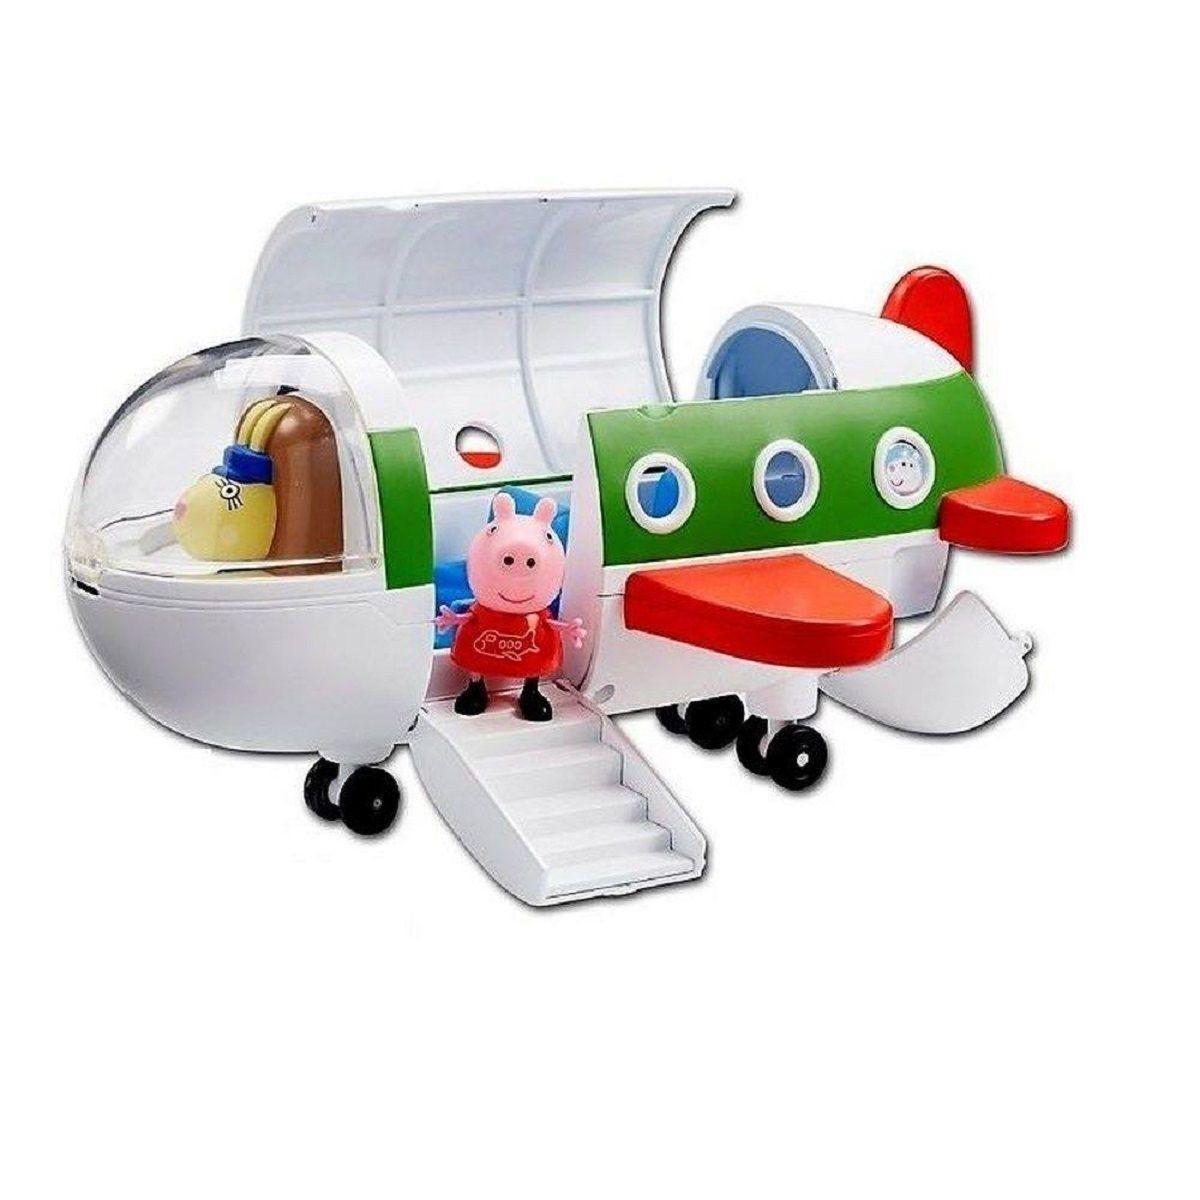 Brinquedo Infantil AVIÃO DA PEPPA SUNNY 2308